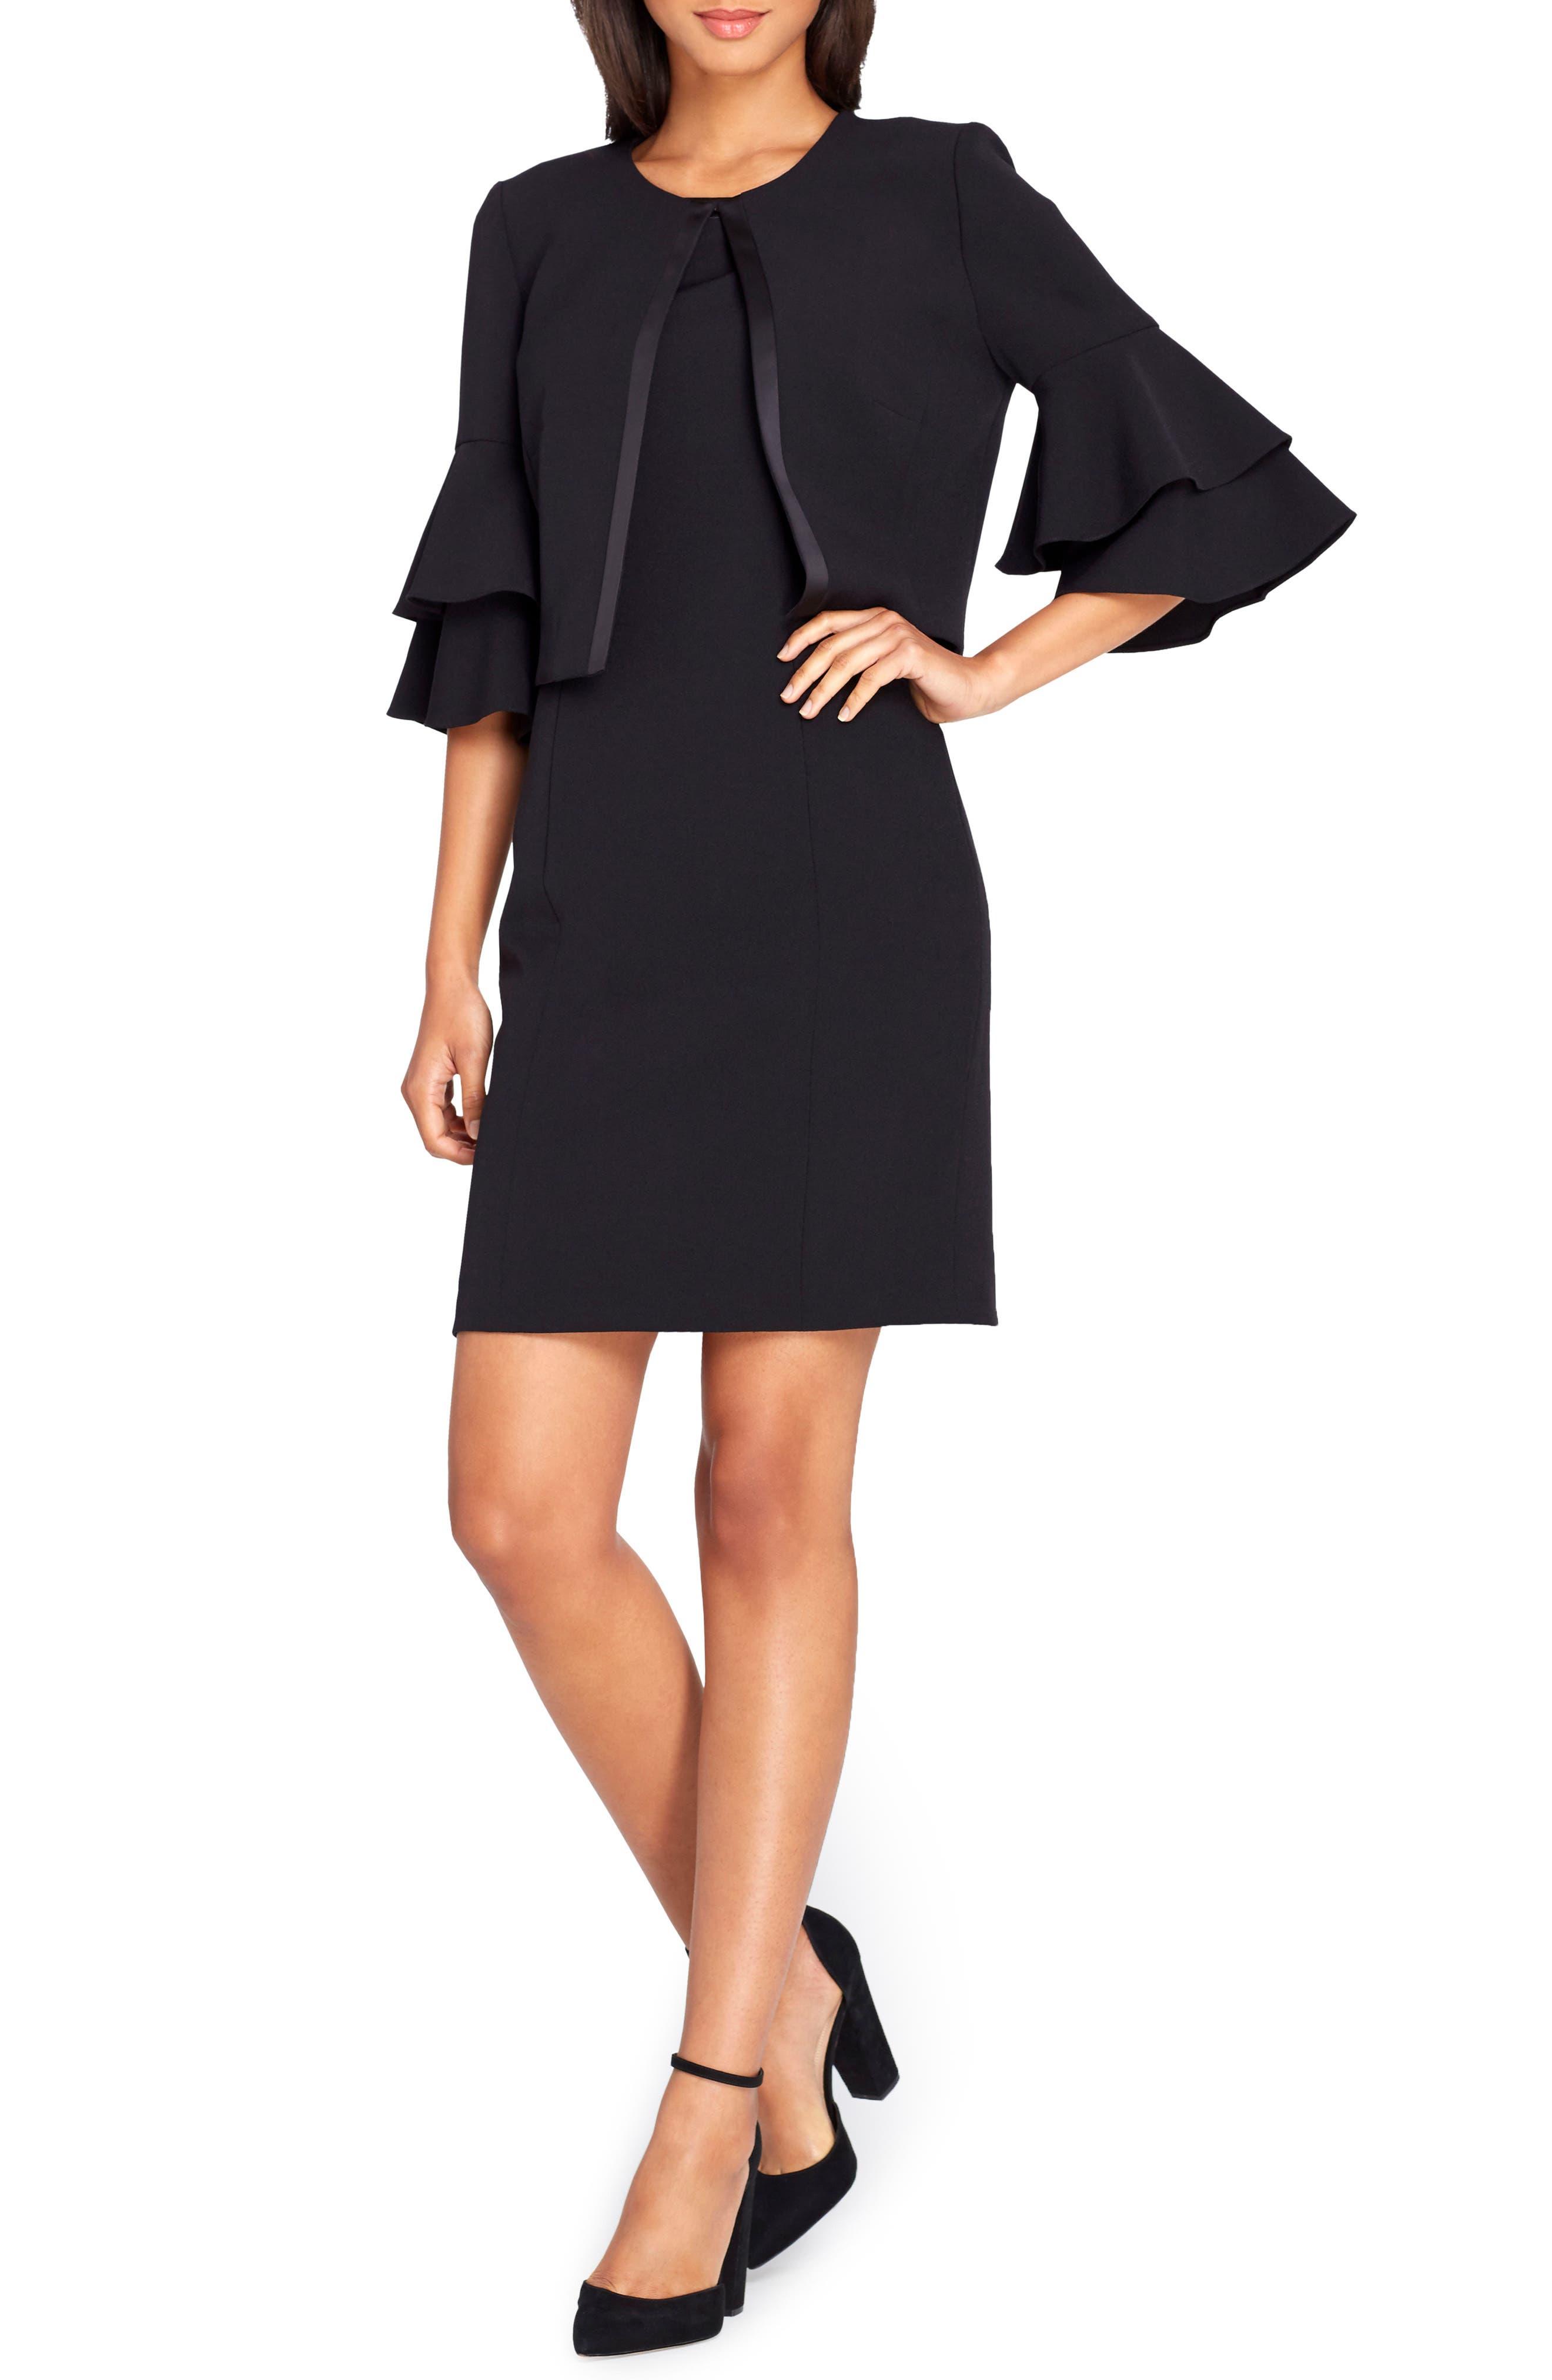 Main Image - Tahari Sheath Dress with Jacket